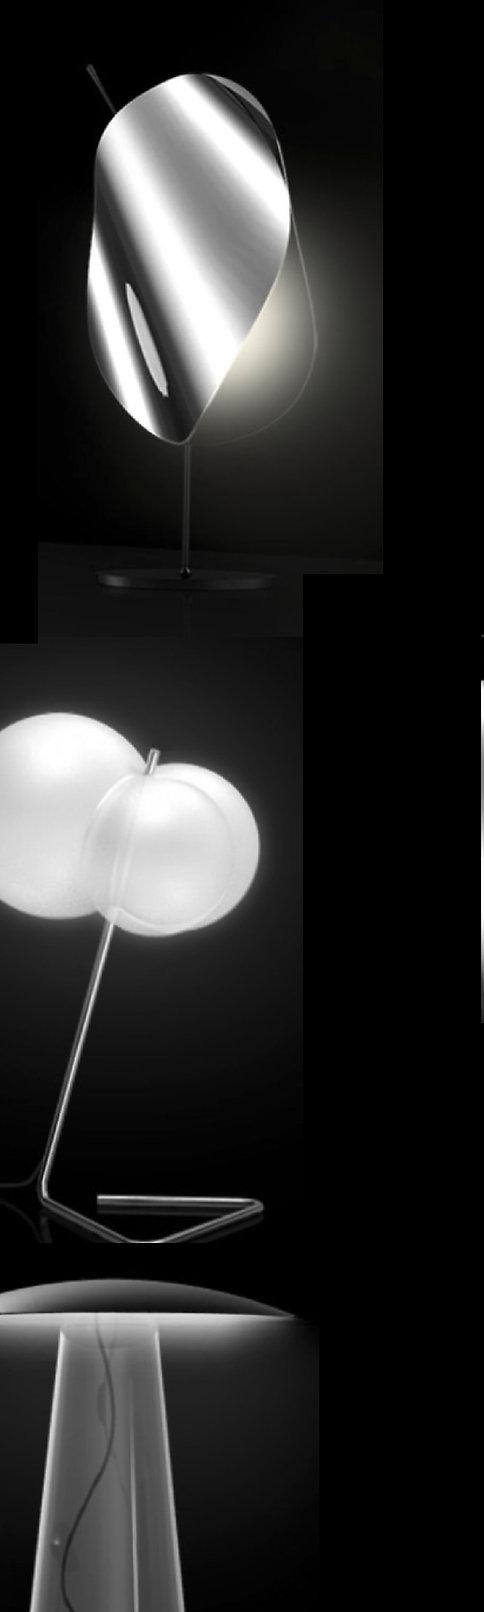 light-03.jpg